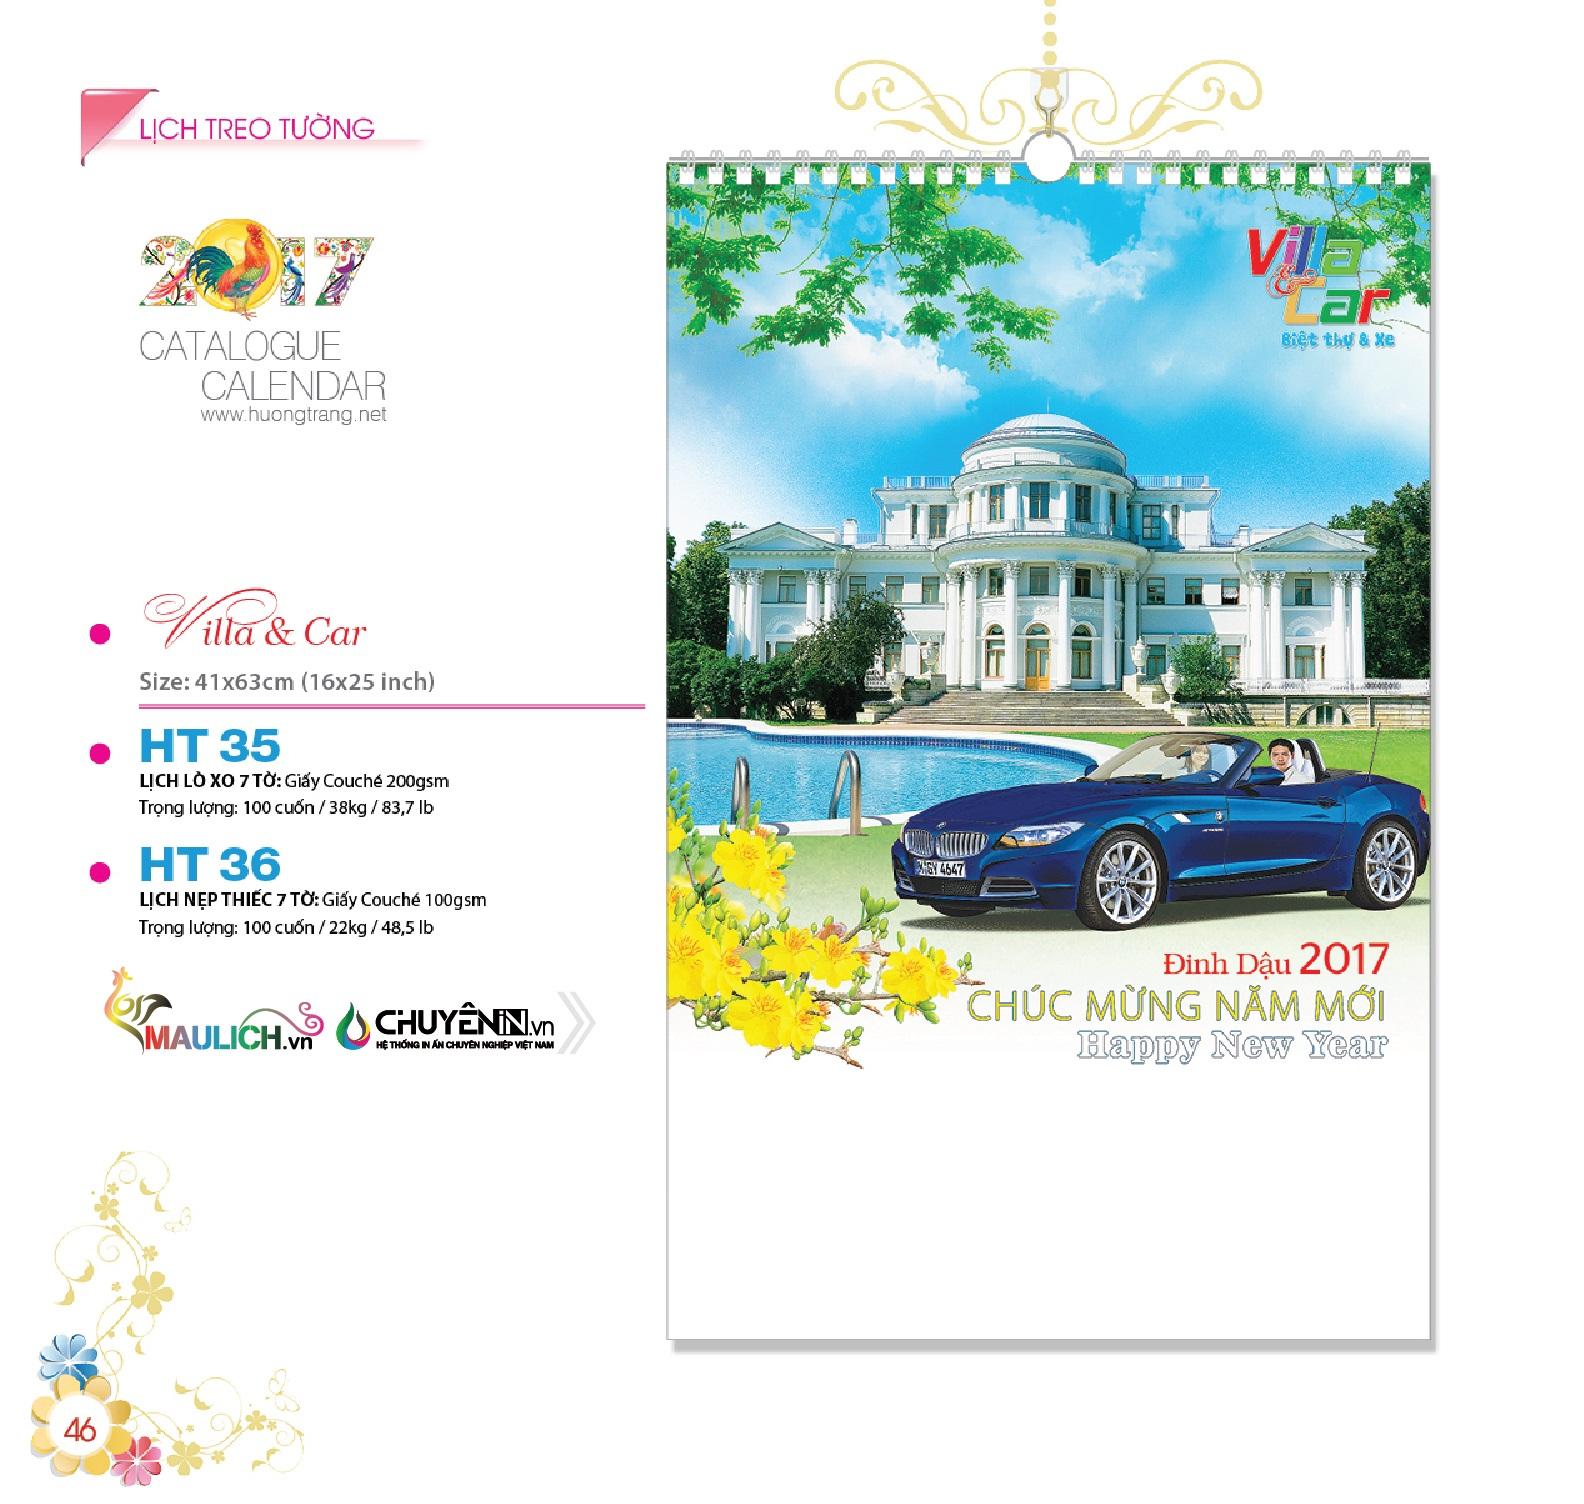 HT-35: Lịch treo tường lò xo (7 tờ) - Villa & Car